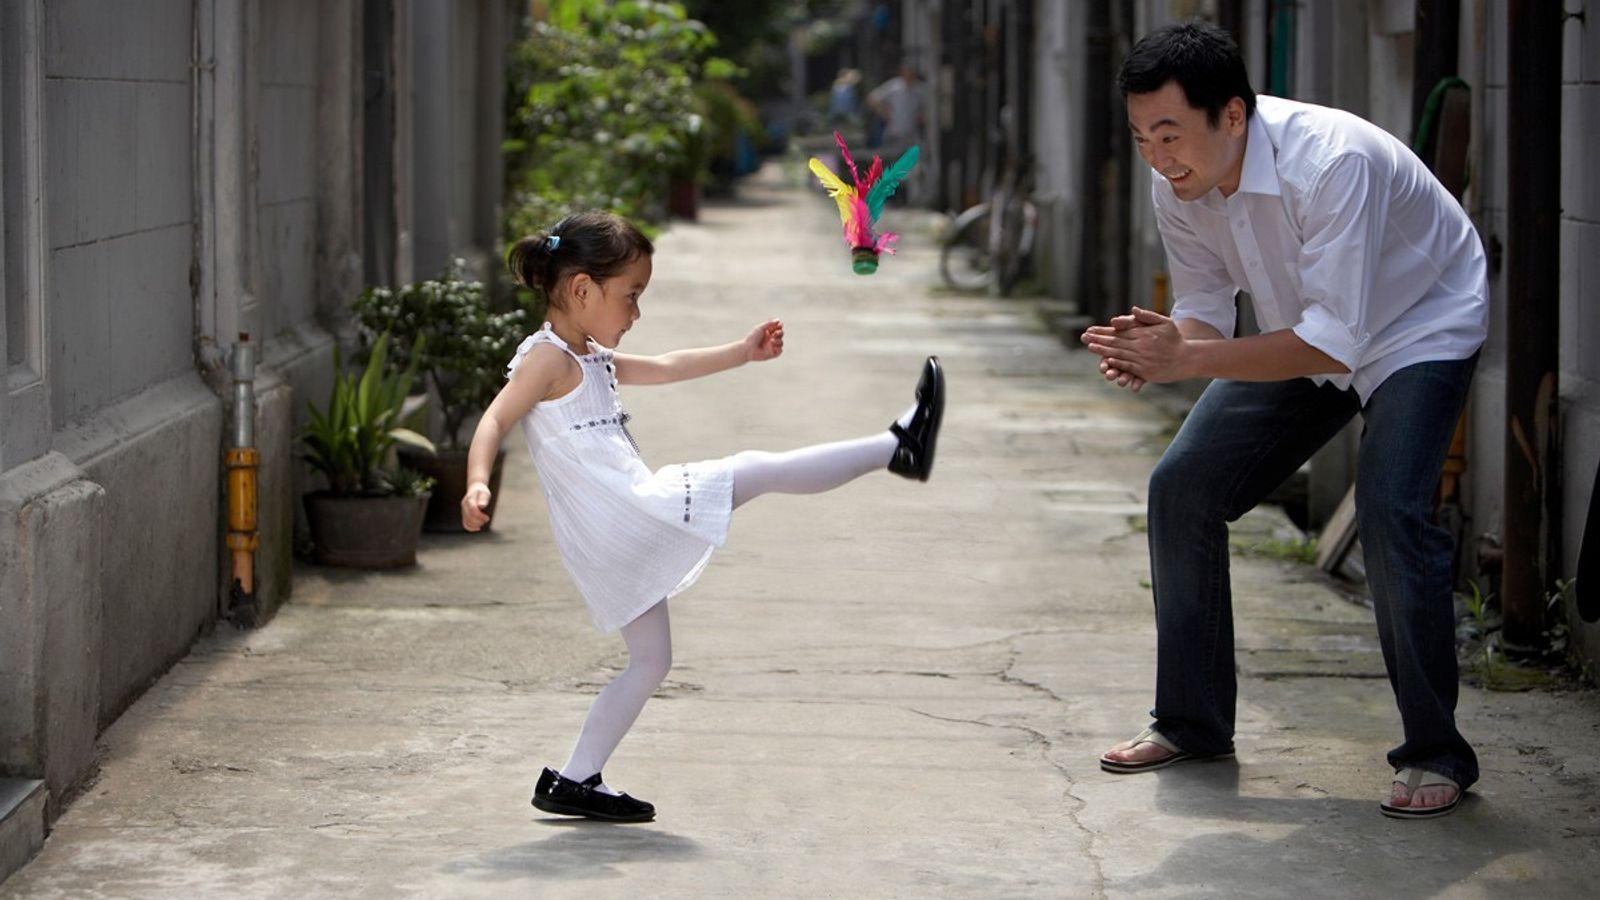 Uma menina e o pai jogam jegi chagi, um jogo sul coreano tradicional.